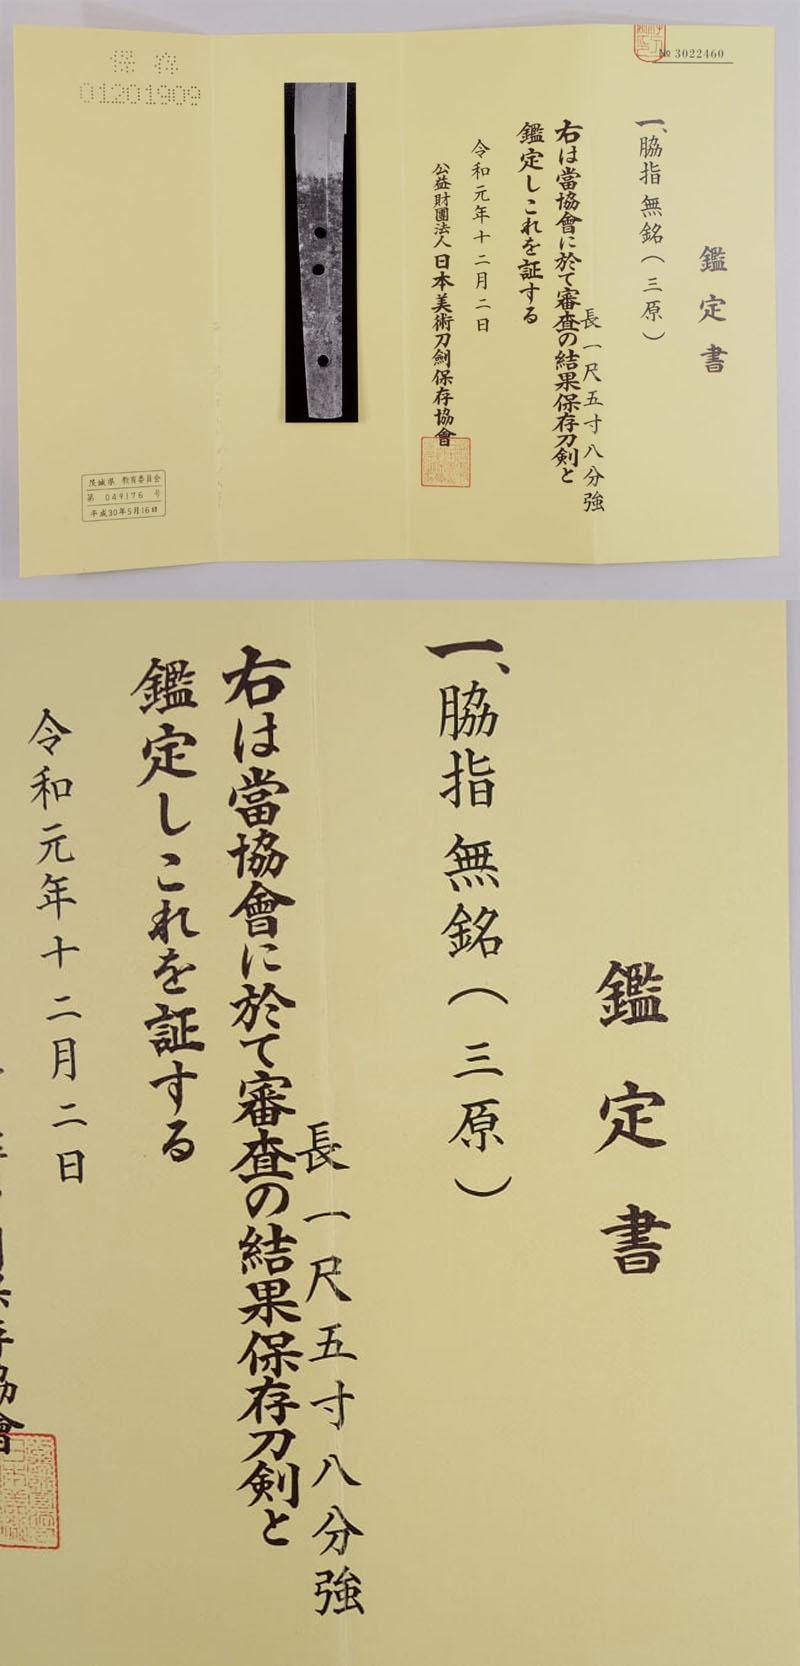 無銘(三原)(仕込杖風拵付き)鑑定書画像